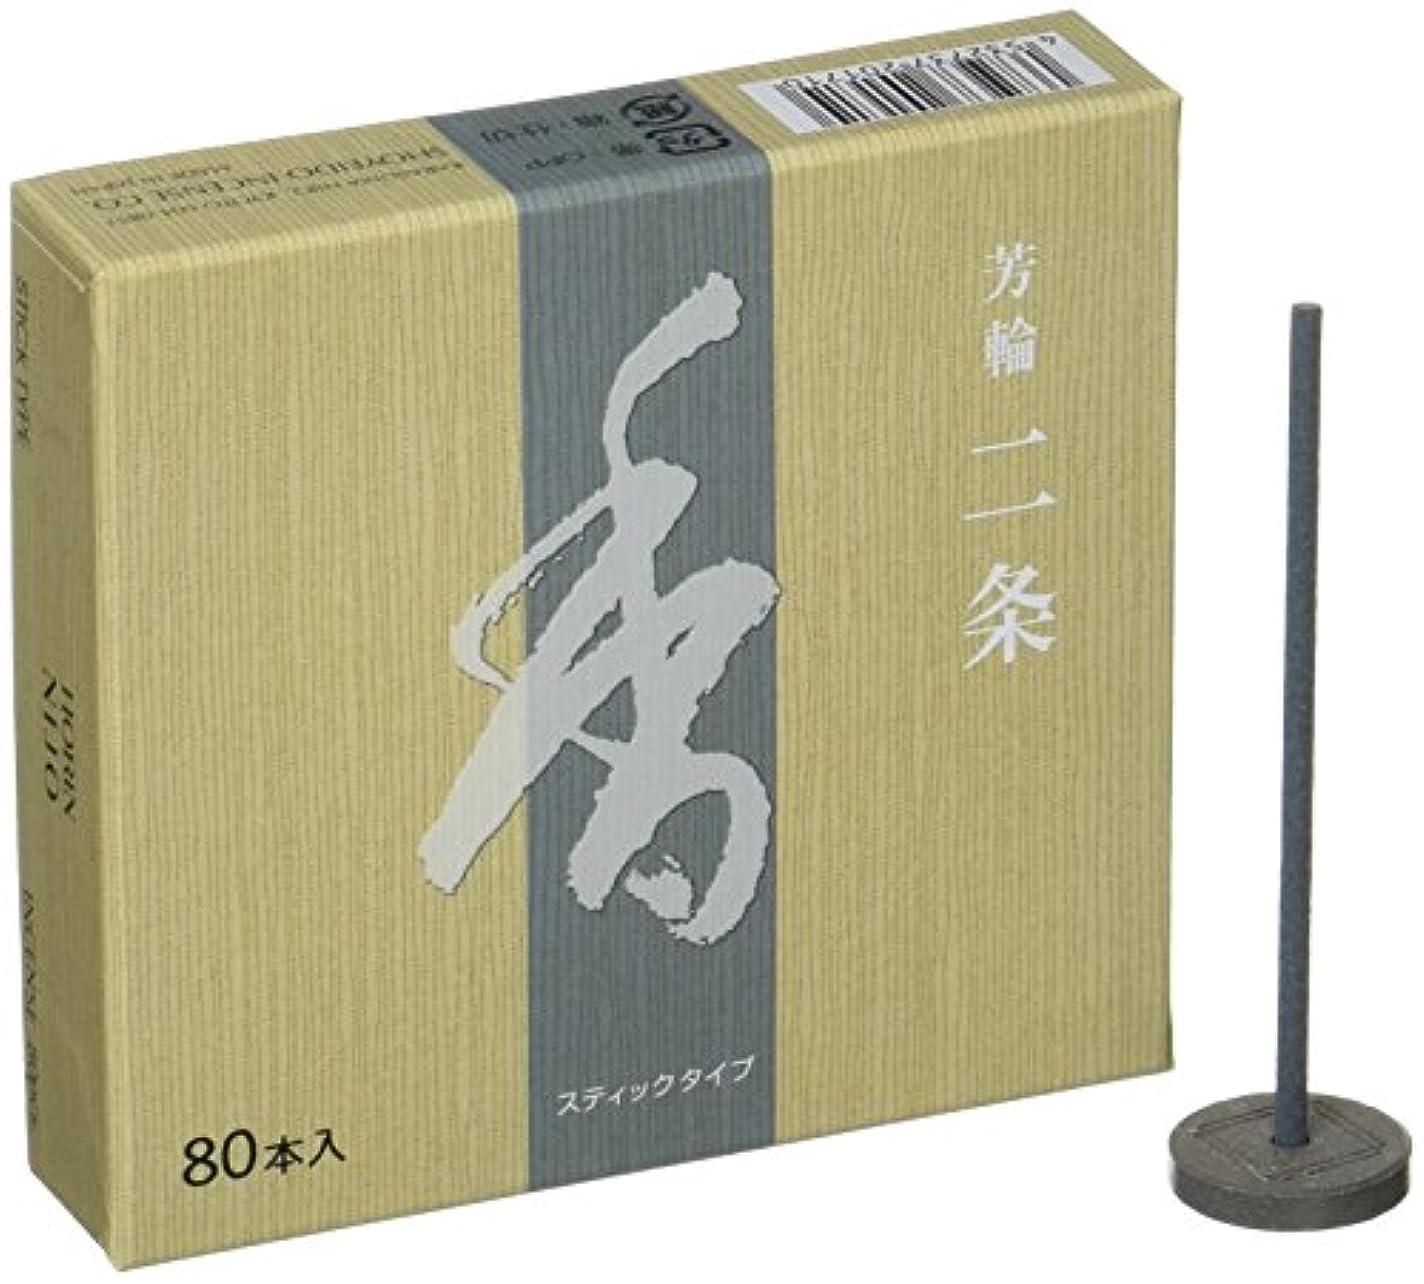 カメしっとり司書松栄堂 芳輪 二条 スティック型 80本入